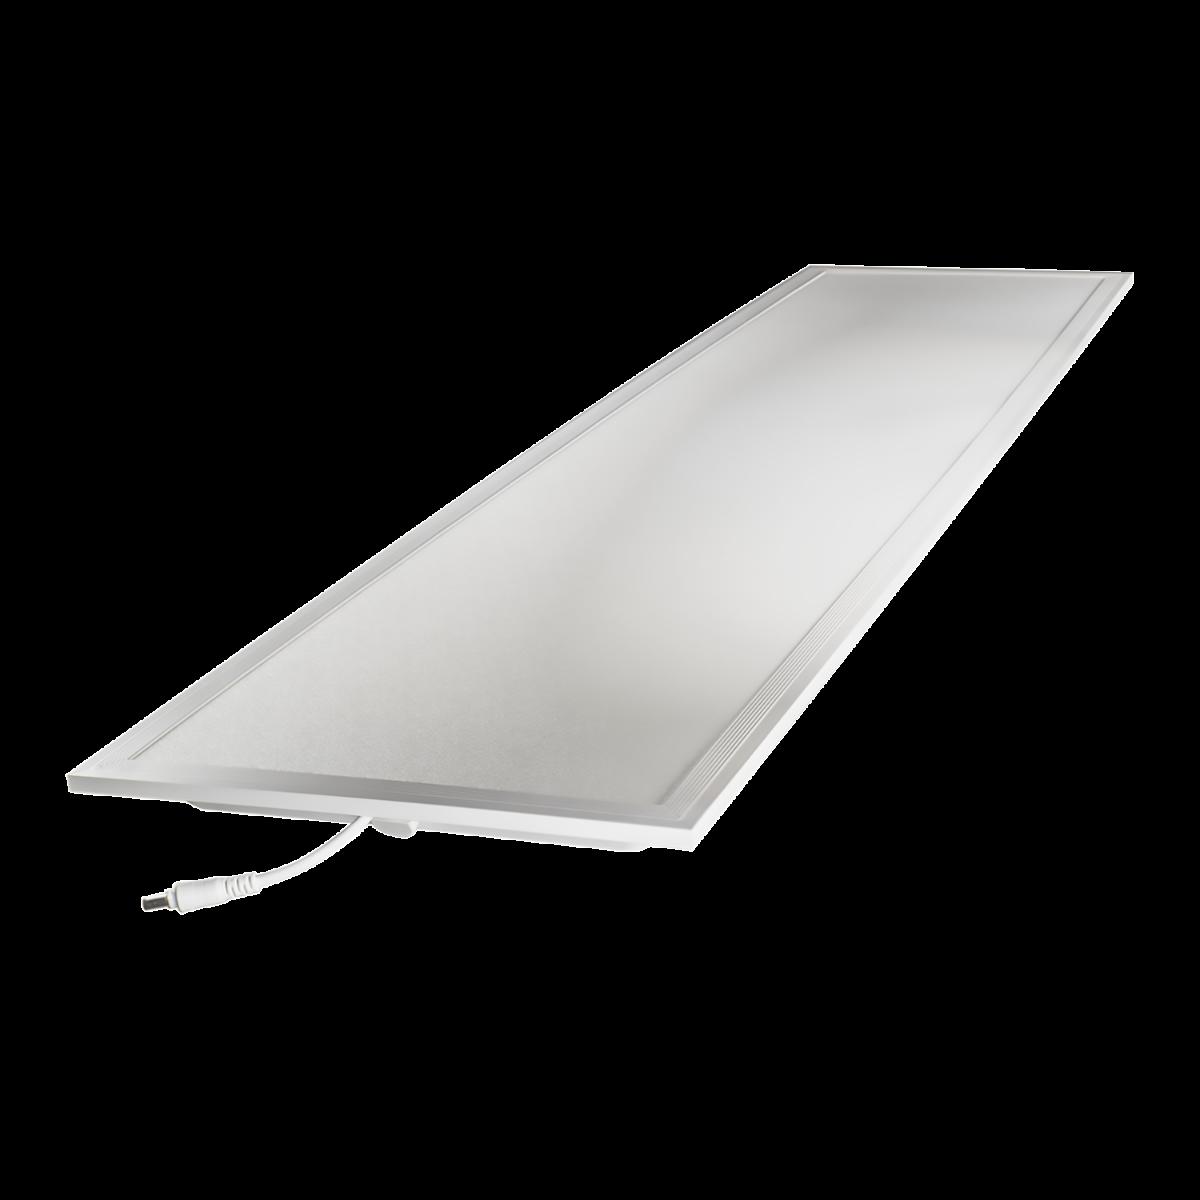 Noxion LED Paneel Delta Pro Highlum V2.0 40W 30x120cm 3000K 5280lm UGR <19   Vervanger voor 2x36W